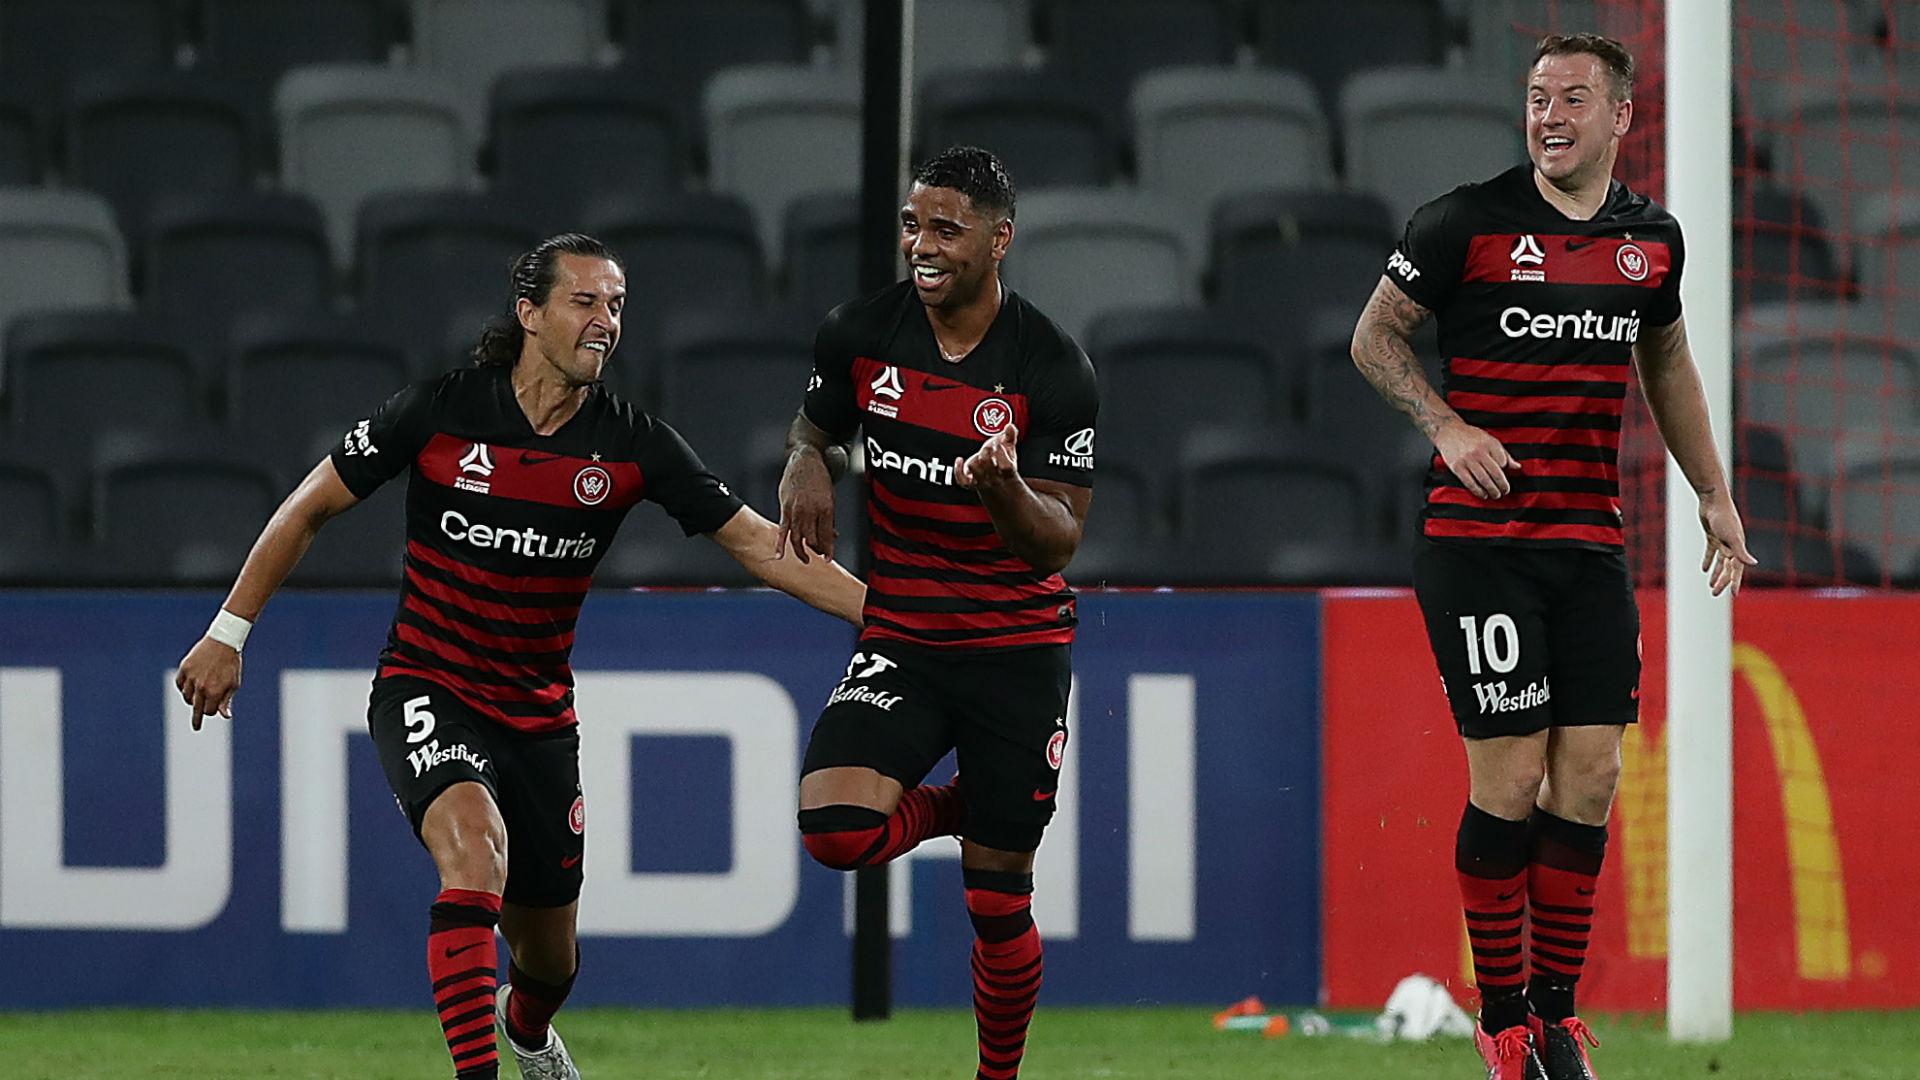 Western Sydney Wanderers 1-1 Sydney FC: Wanderers frustrate Sydney again